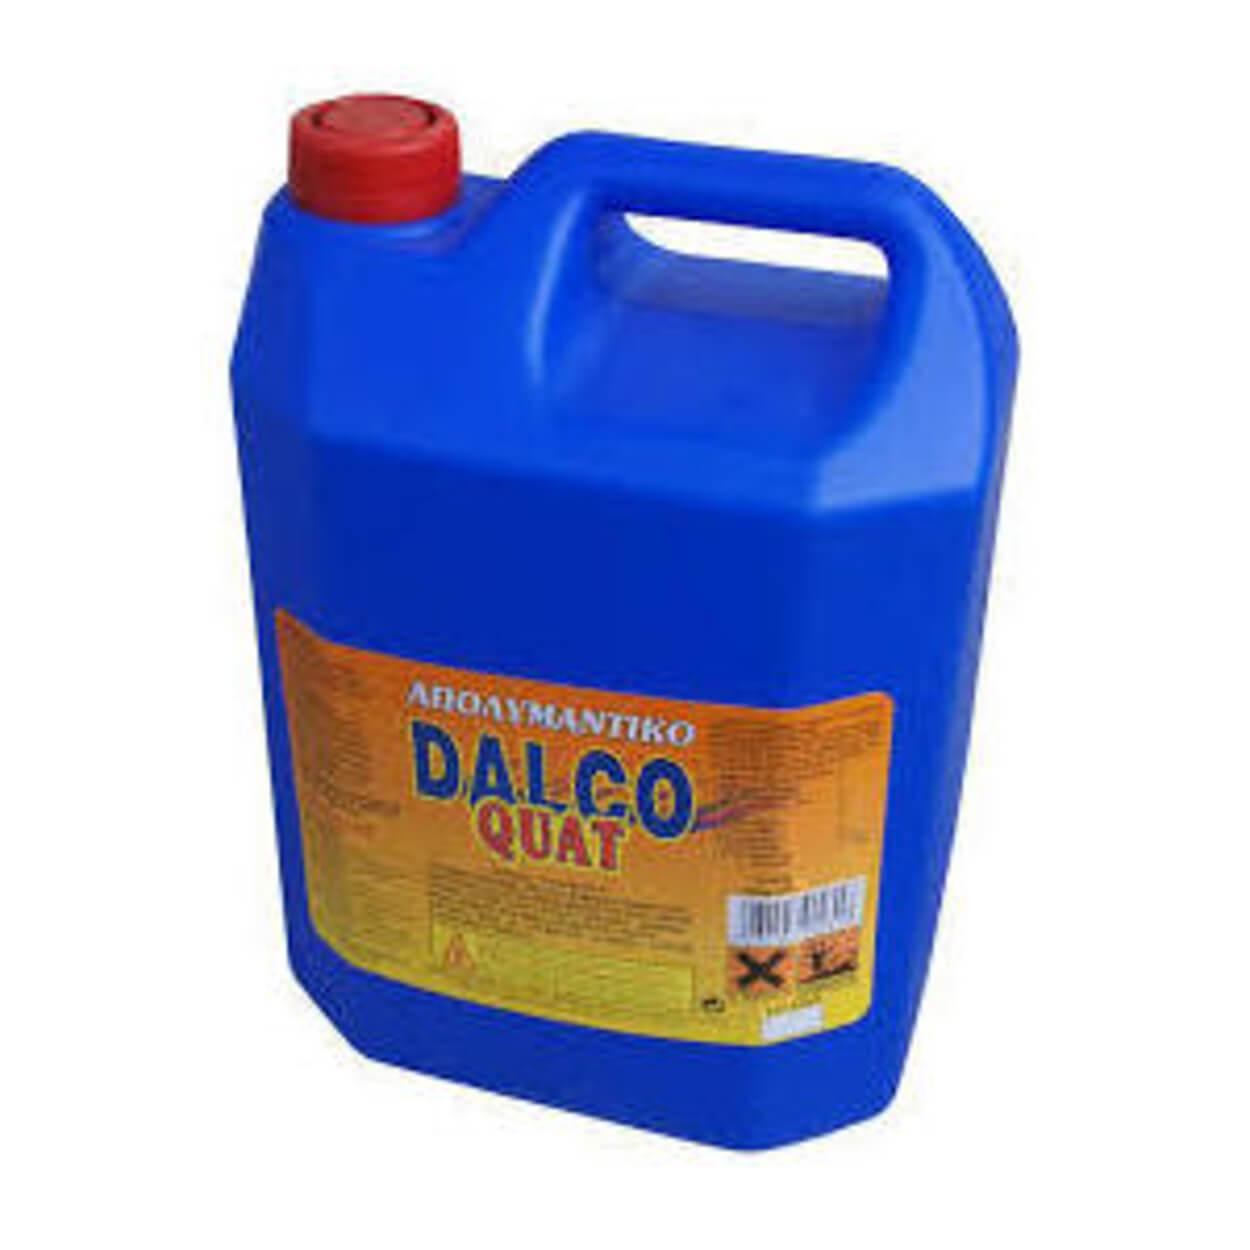 ΑΠΟΛΥΜΑΝΤΙΚΟ ΥΓΡΟ DALCO QUAT 4lt